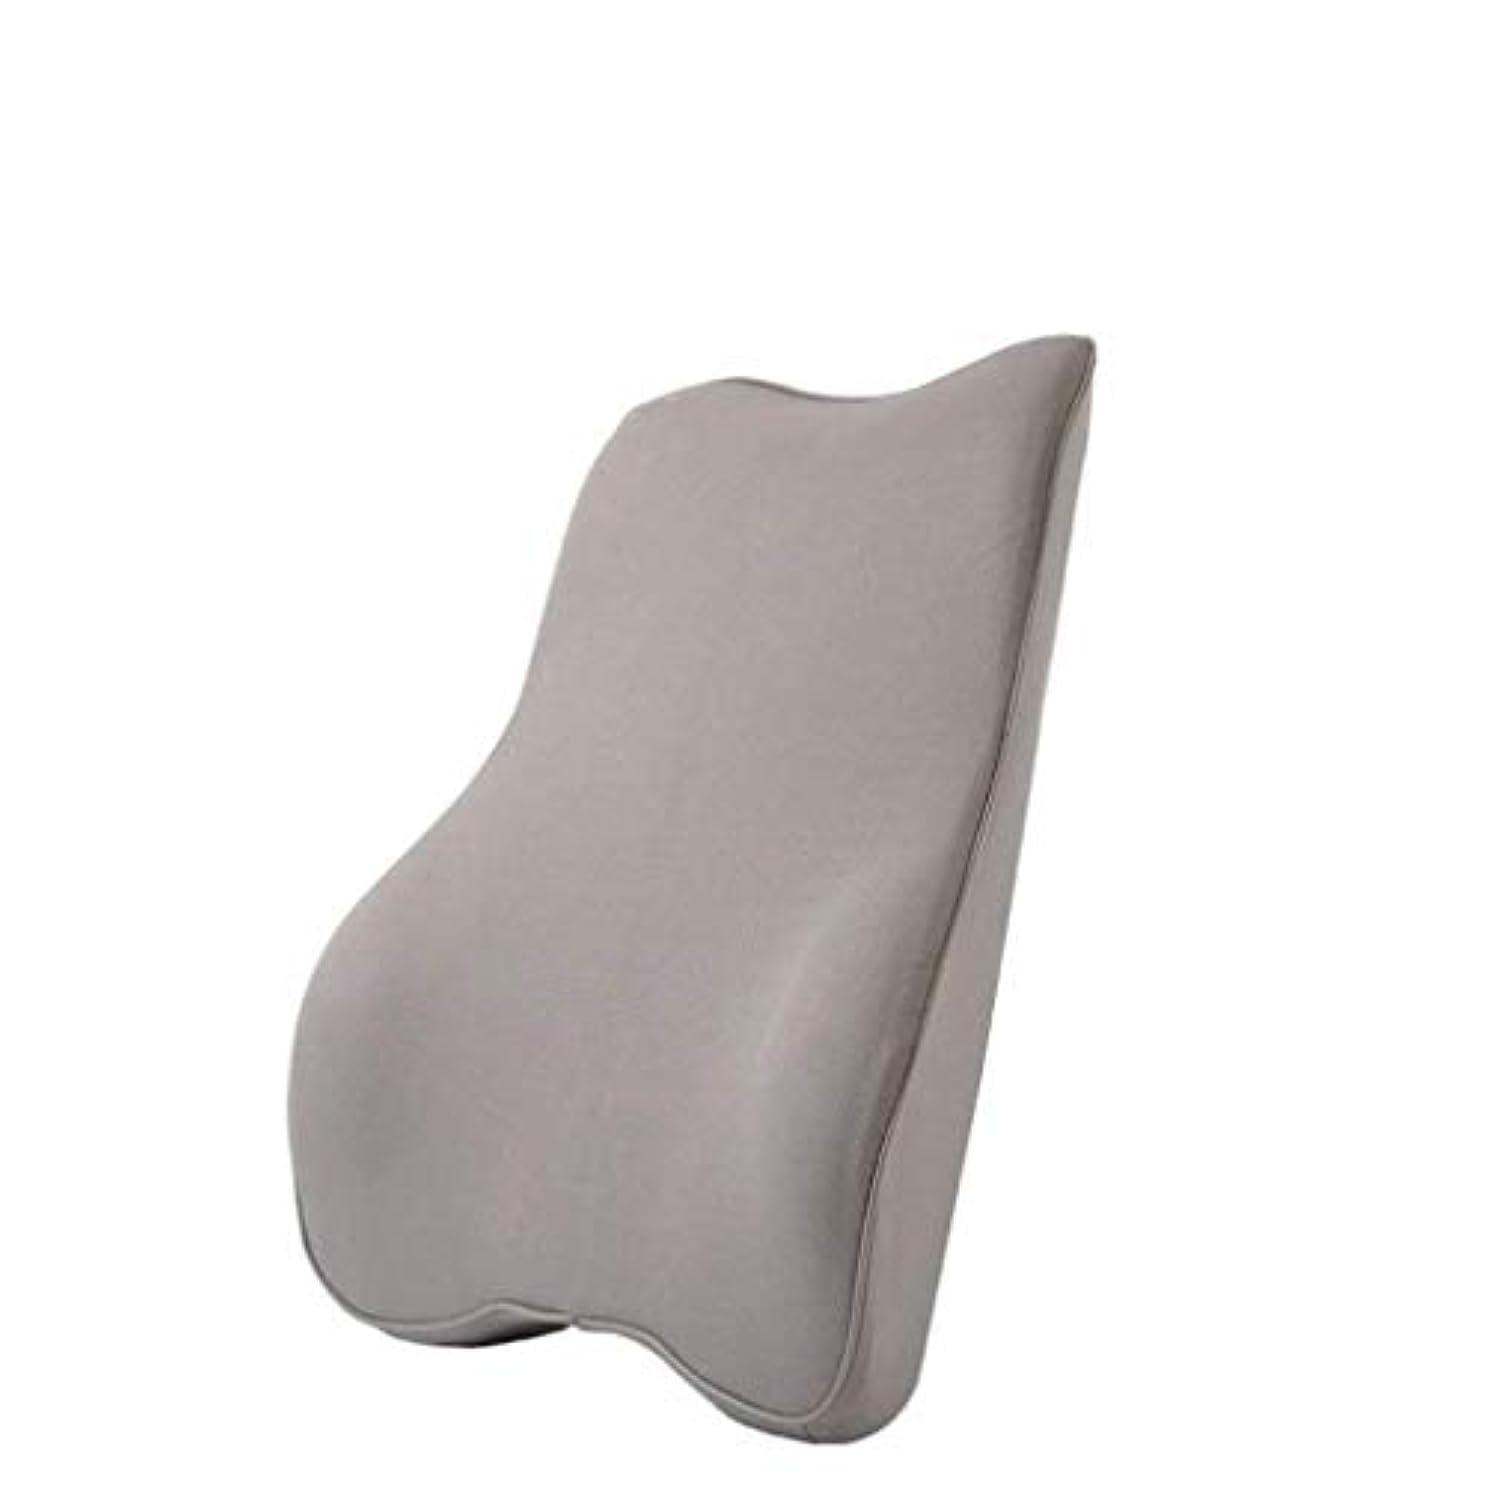 釈義散文集中的な枕および腰椎サポート記憶枕は旅行総本店のカー?シートのために適した背中の背中の痛みを和らげるのを助けます (Color : Gray)